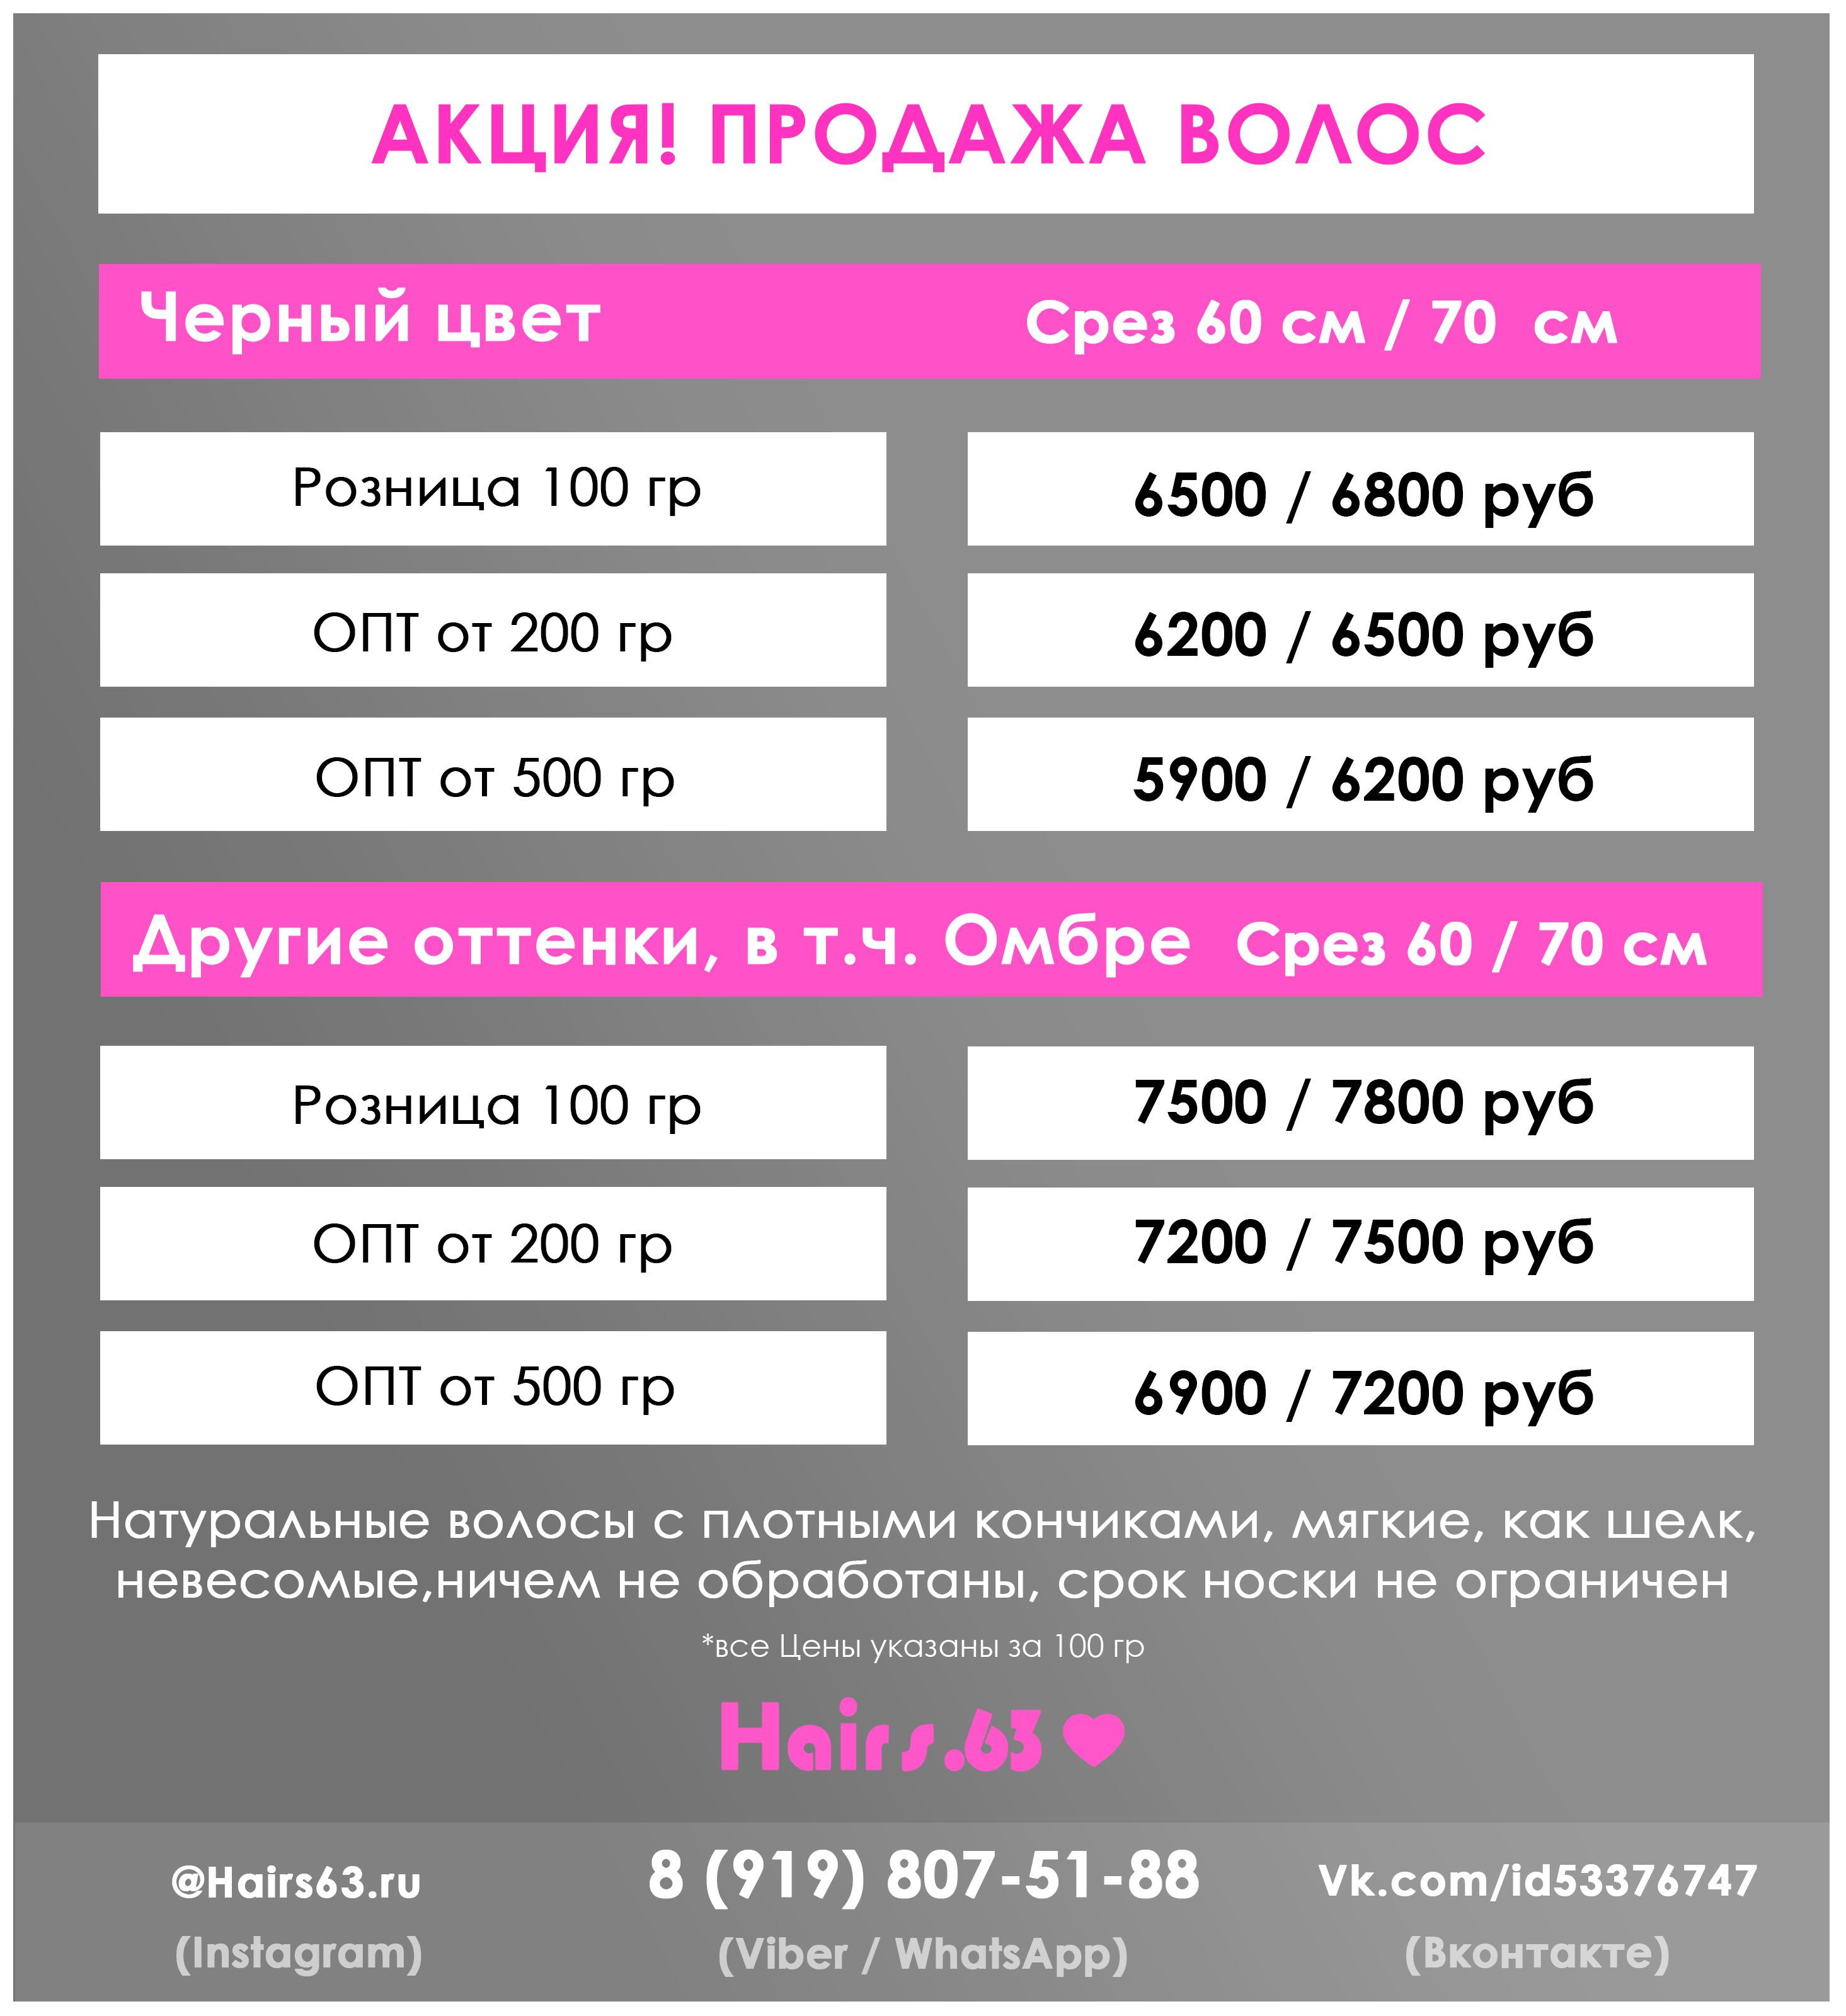 продажа волос самара 060519-5